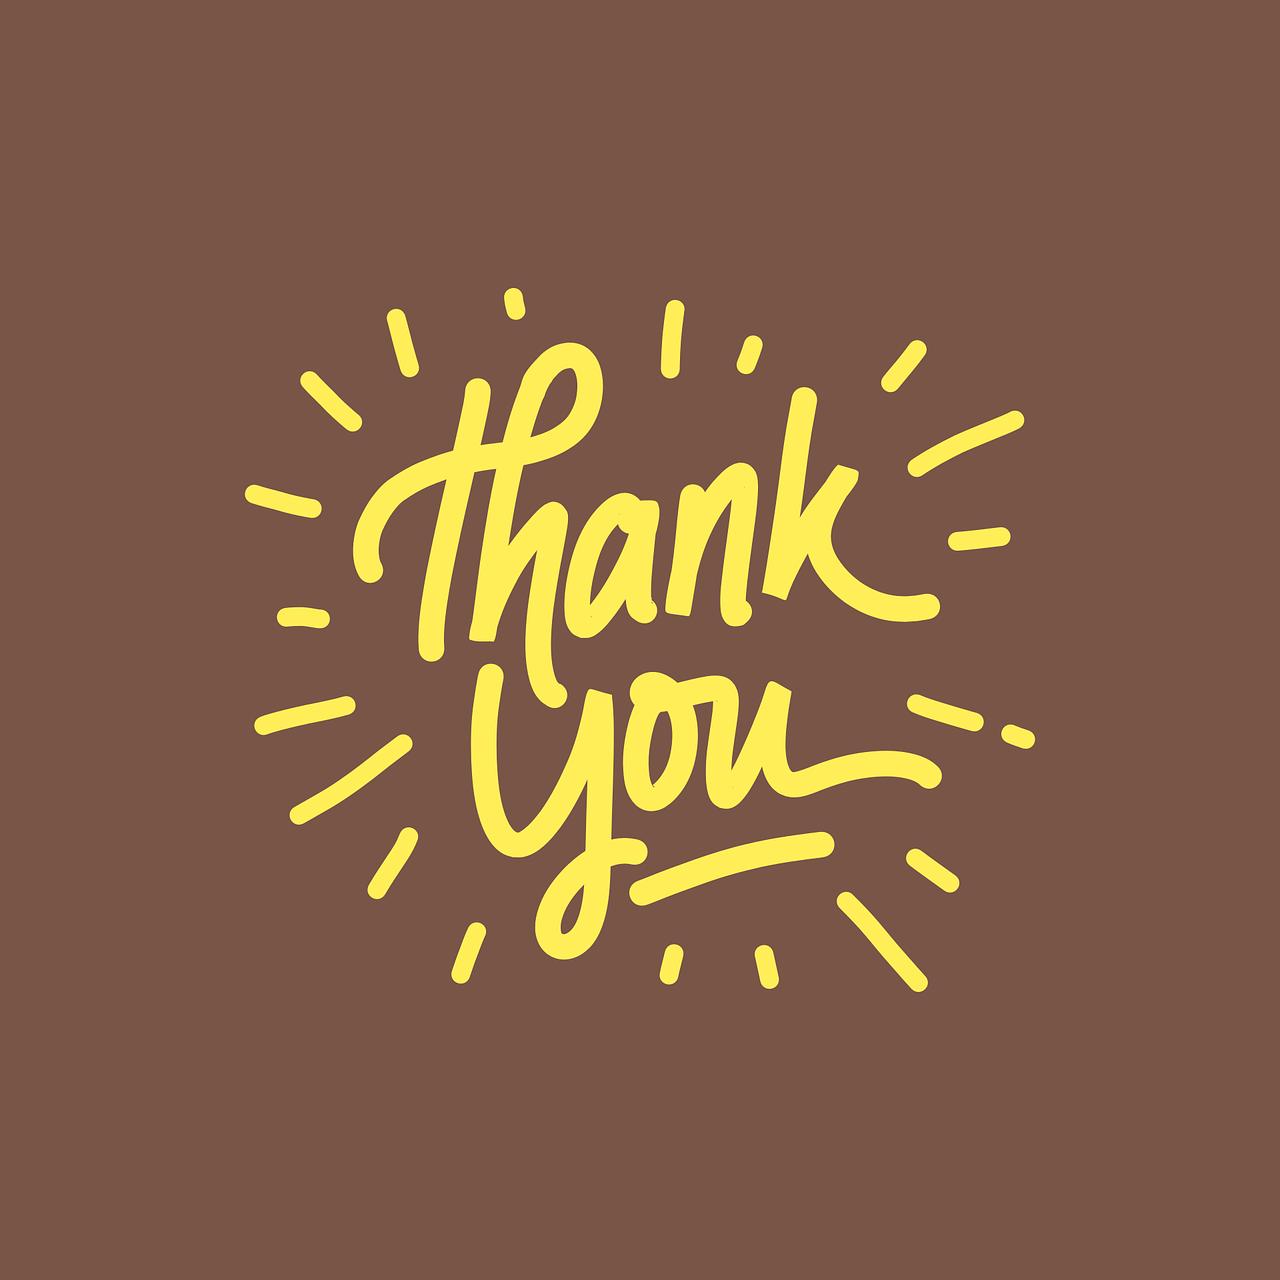 Herzlichen Dank für euren Support!